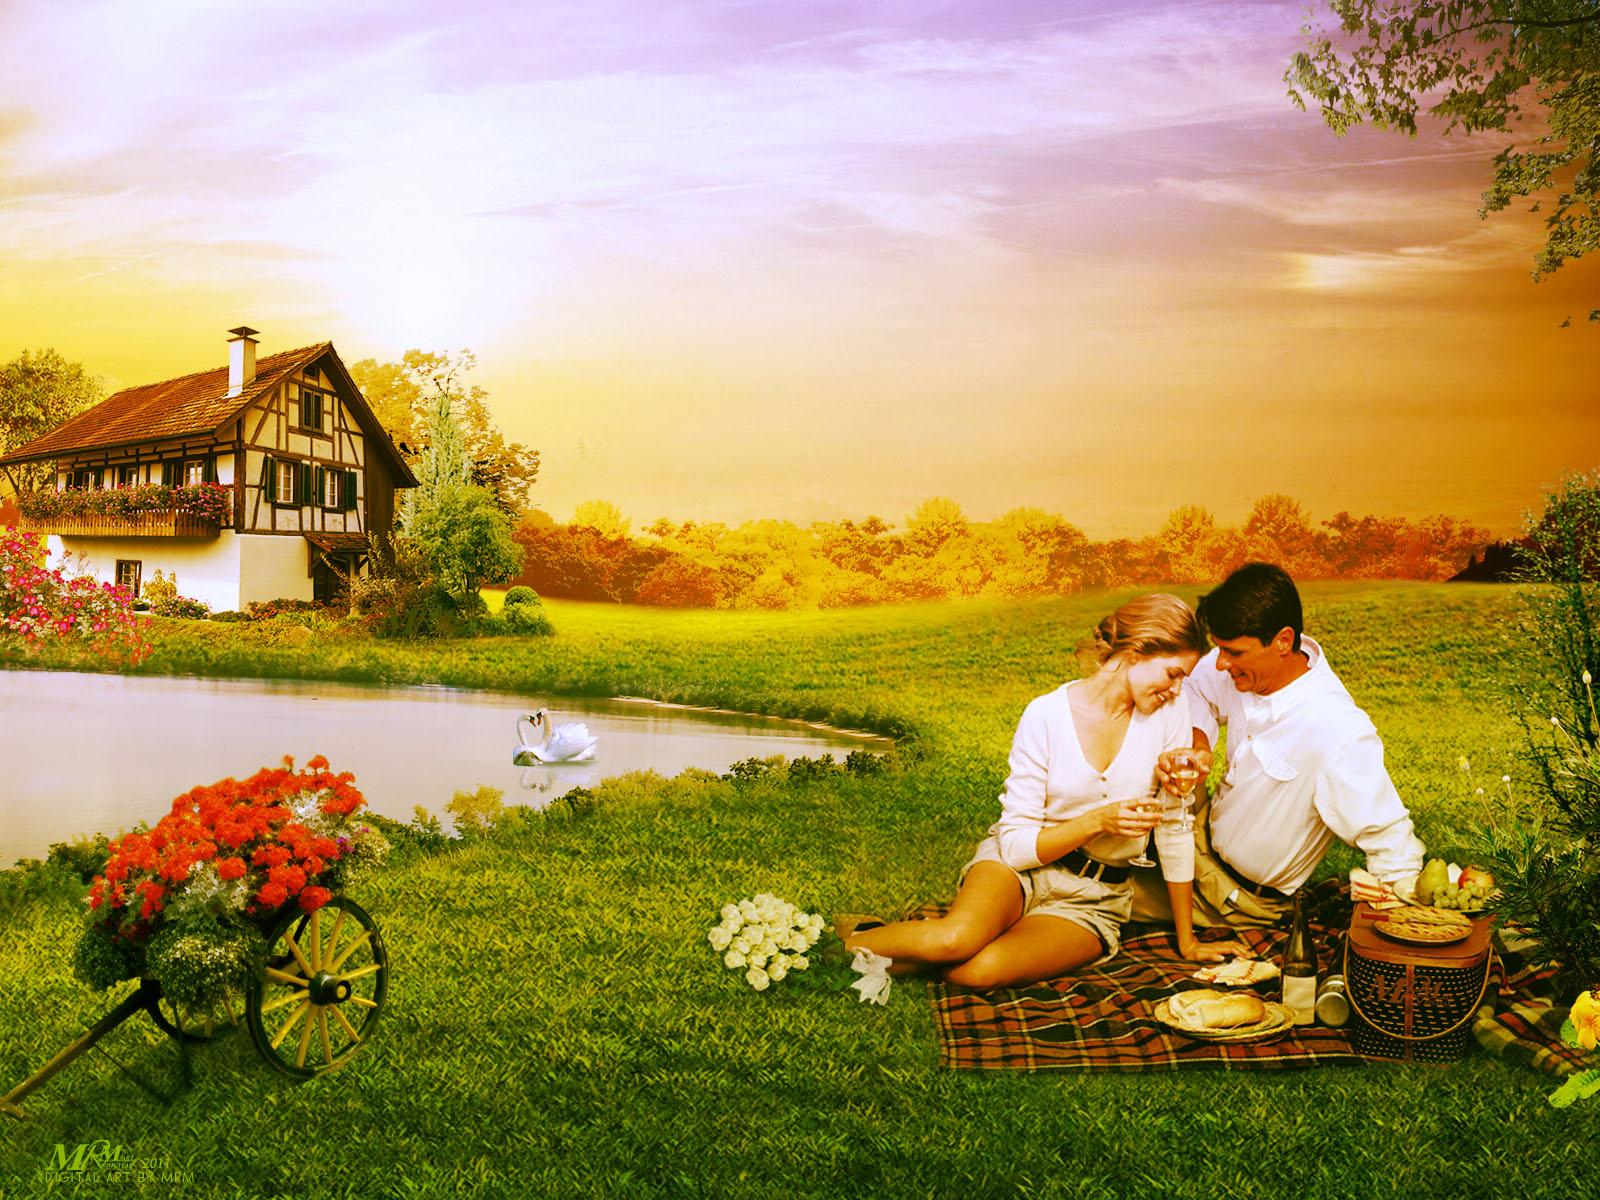 New love wallpapers full hd wallpapersafari - Love f wallpaper hd download ...